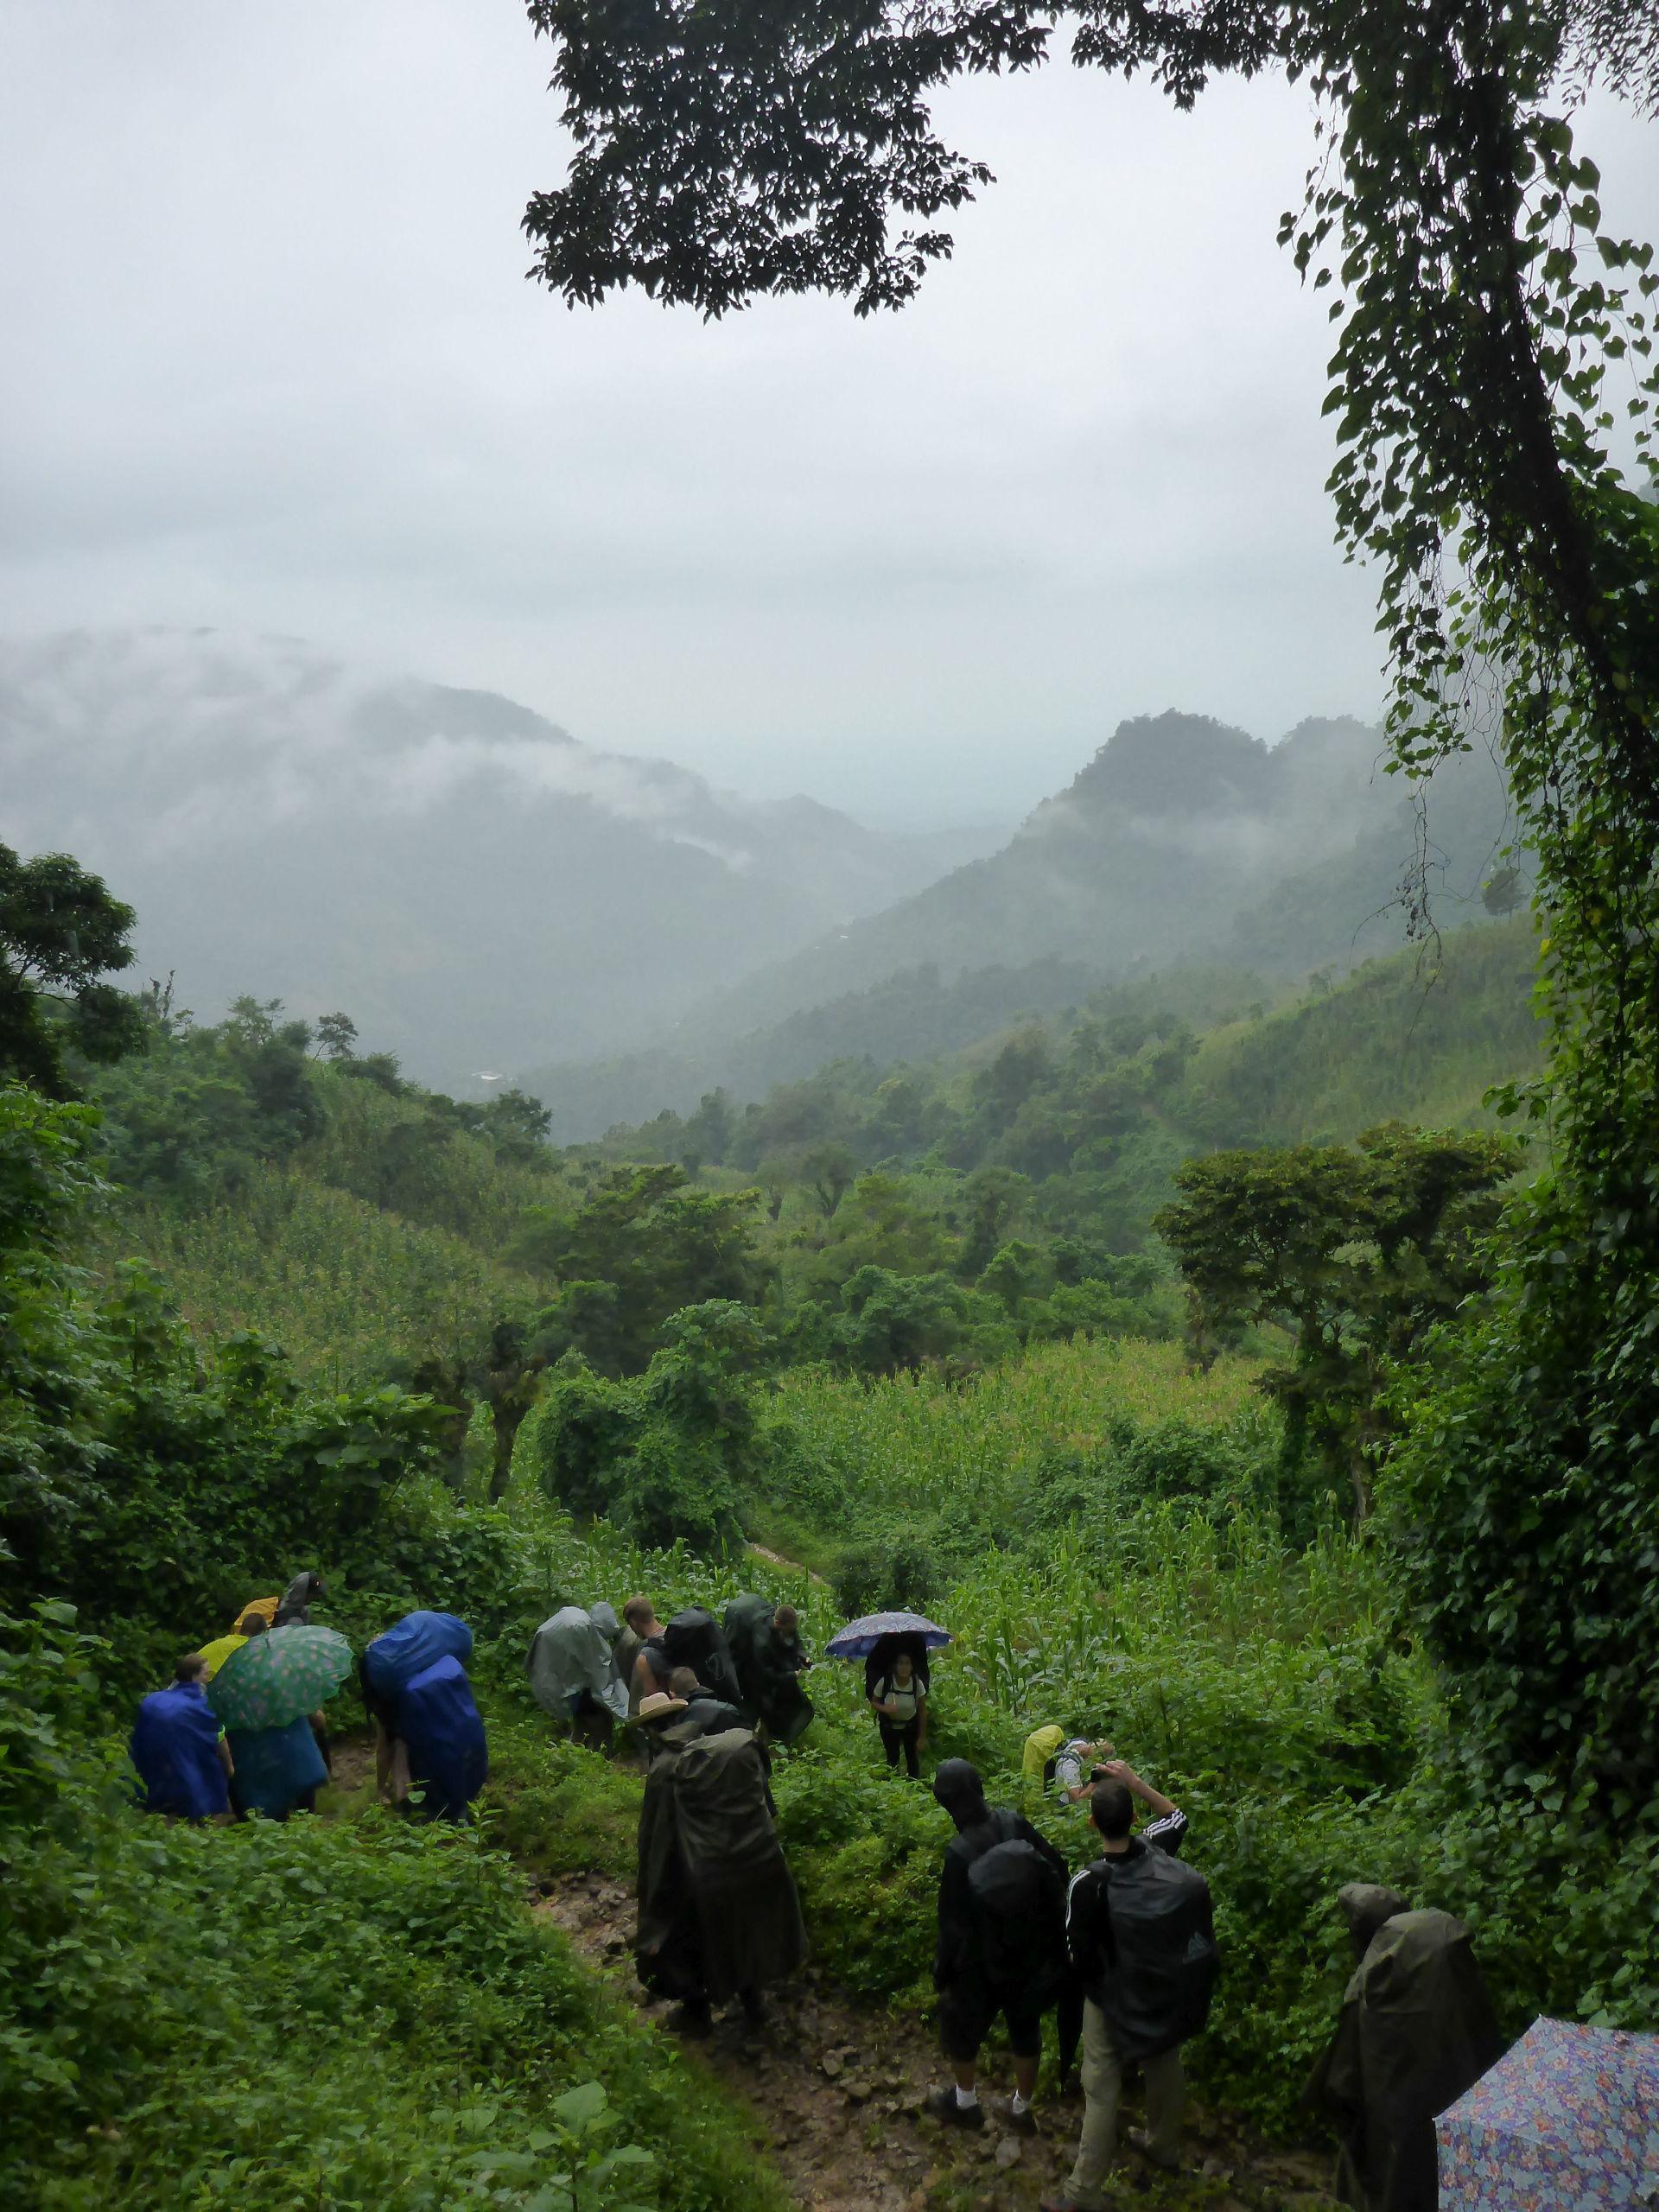 Die Exkursionsgruppe des Instituts für Geographie der FAU auf dem Weg zu einer Finca westlich von Niquivil in Mexiko. (Bild: Felix Schiefer)